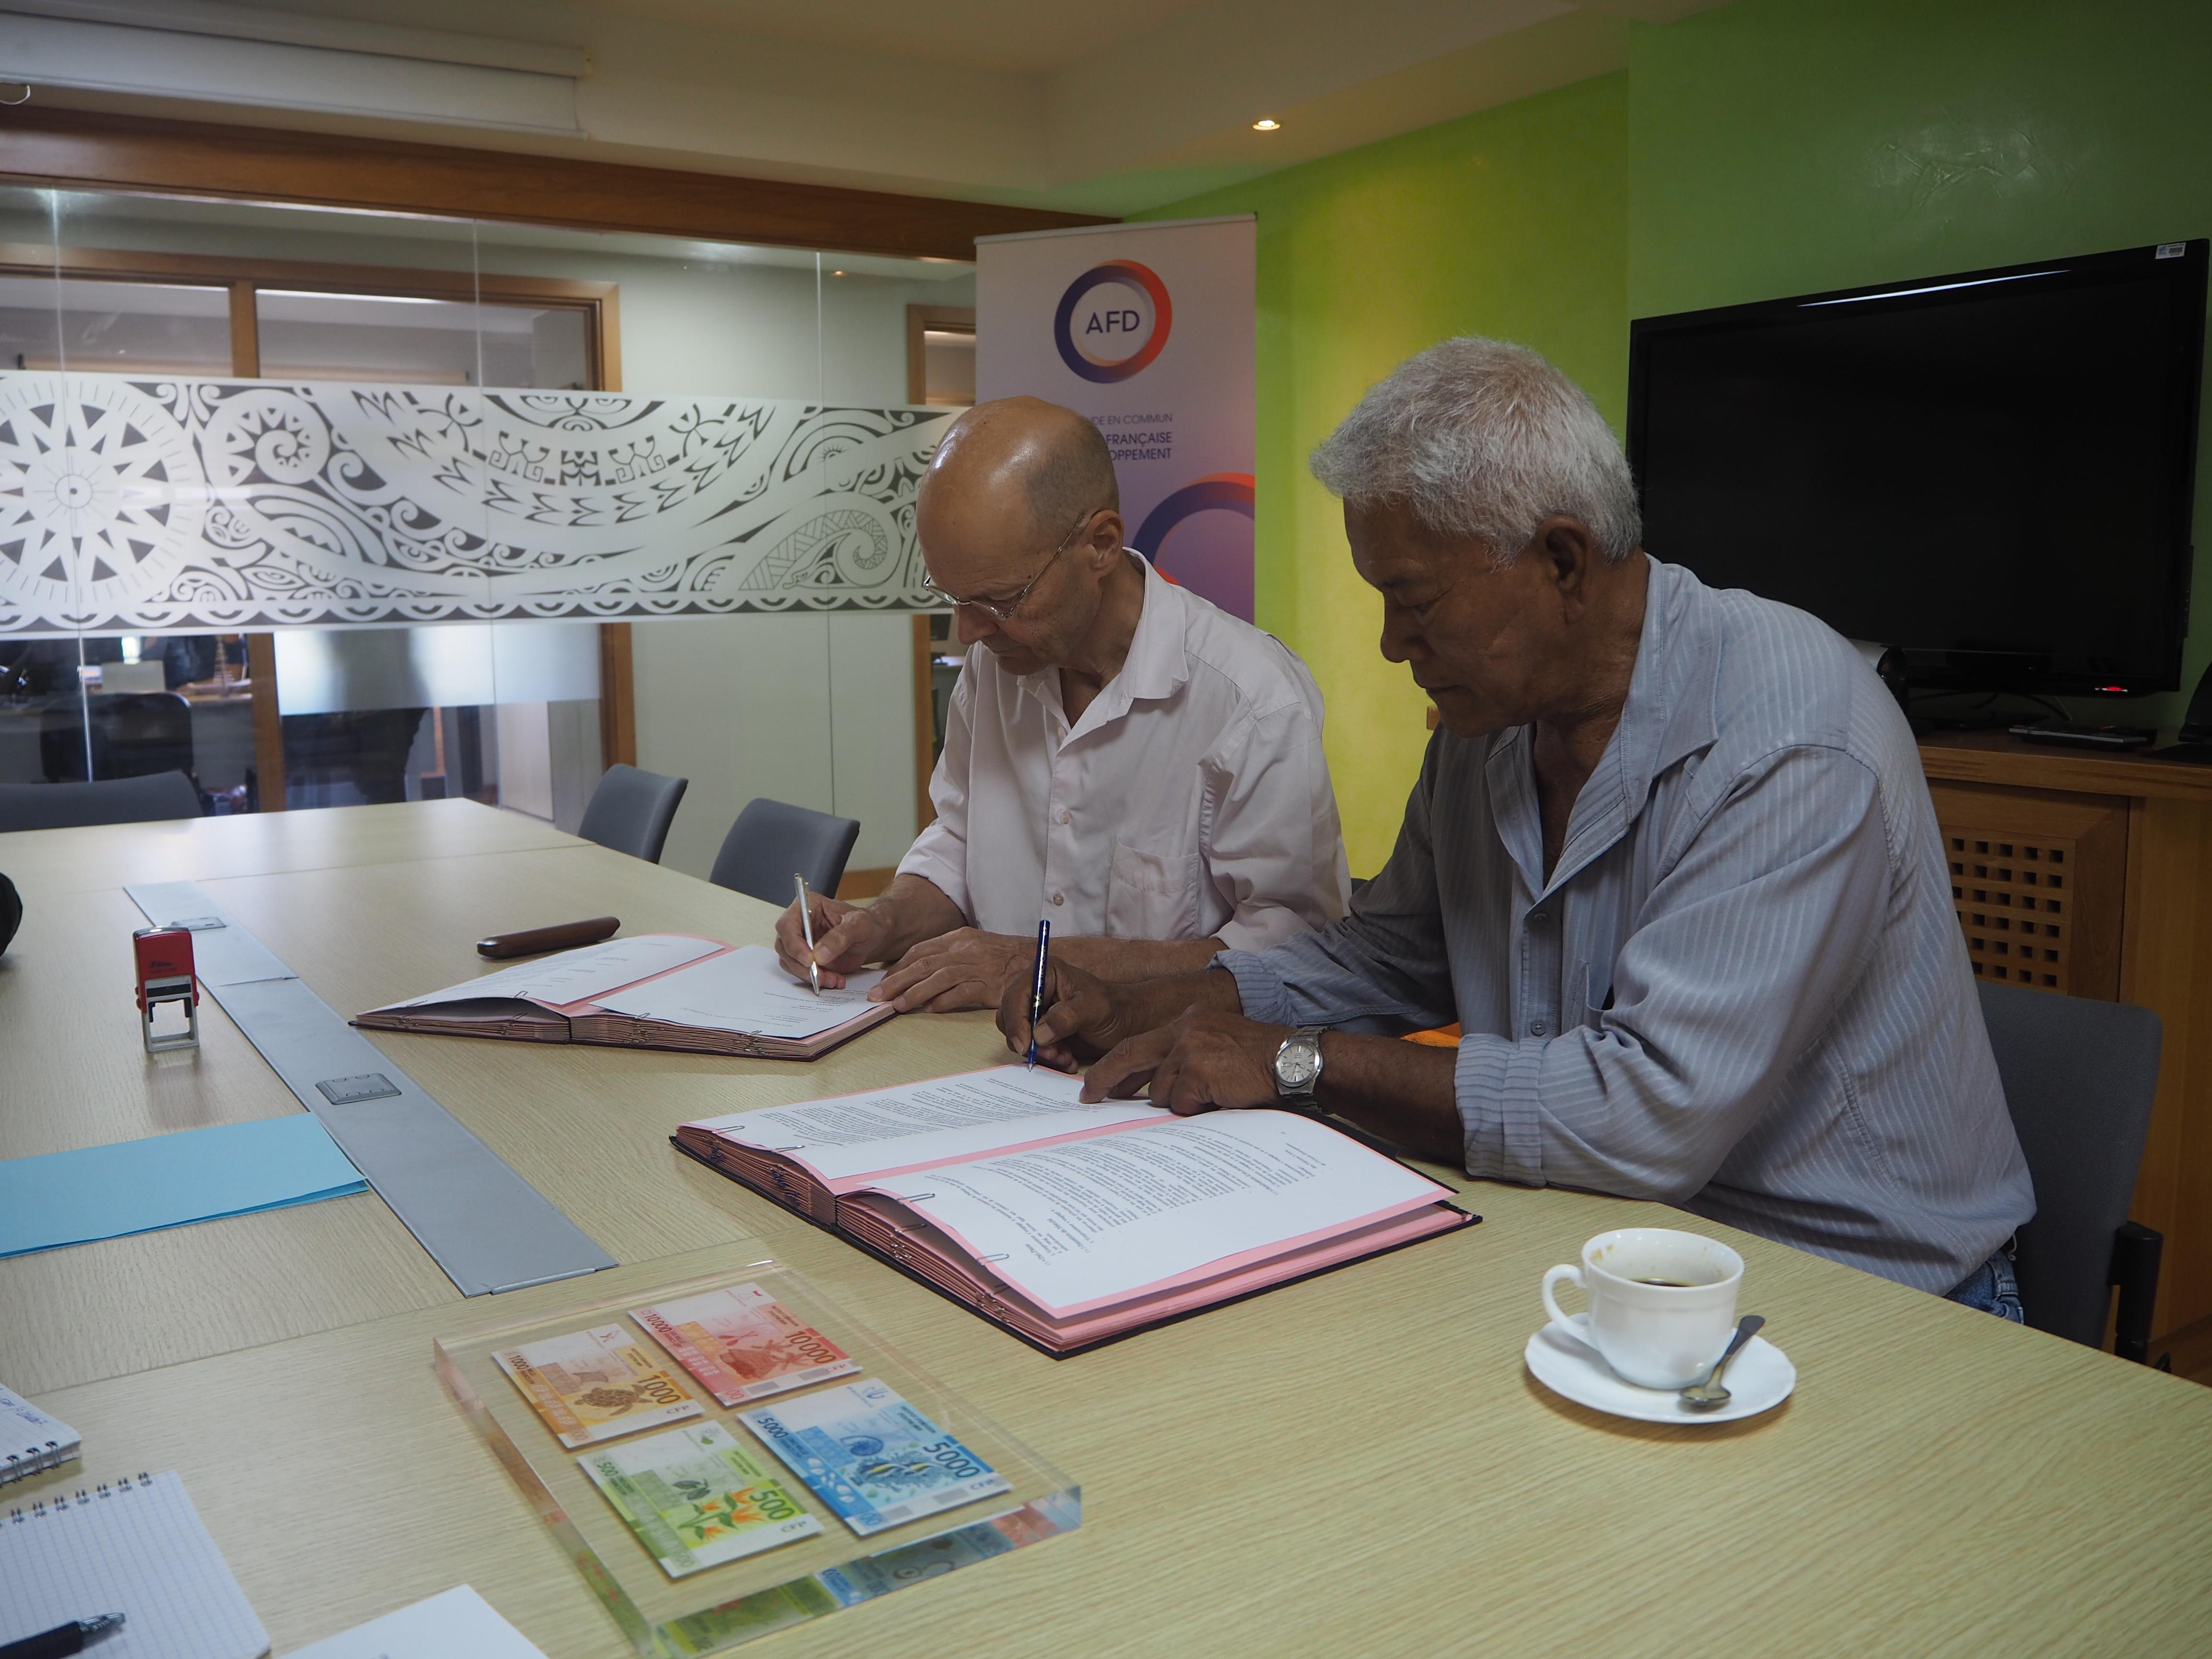 La signature a eu lieu mercredi après-midi, dans les locaux de l'AFD.